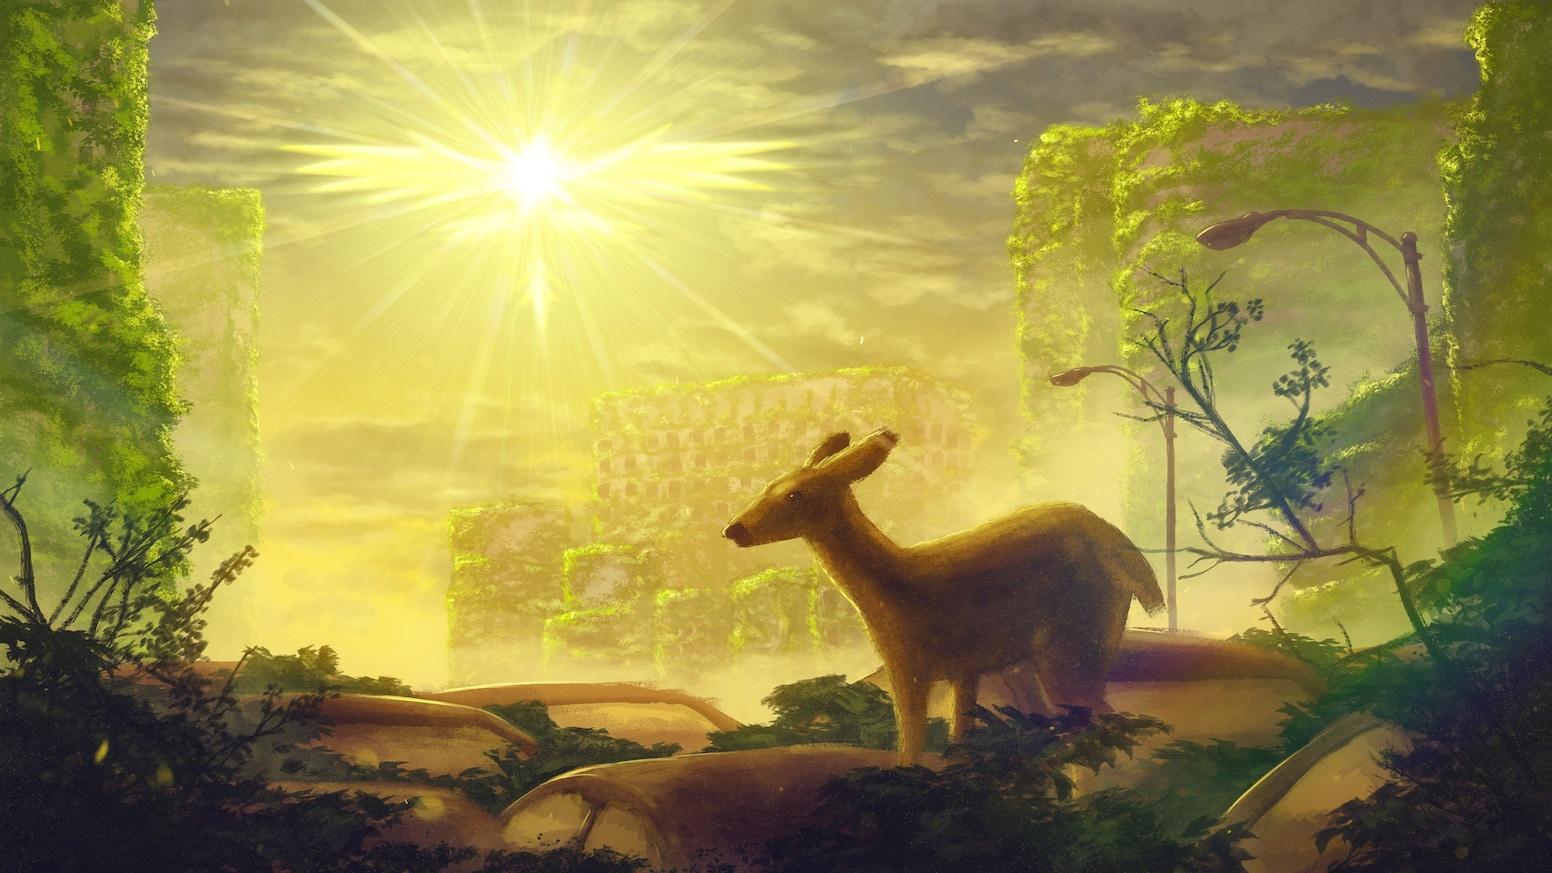 au e earth under gold by matthew edward gustavsen community